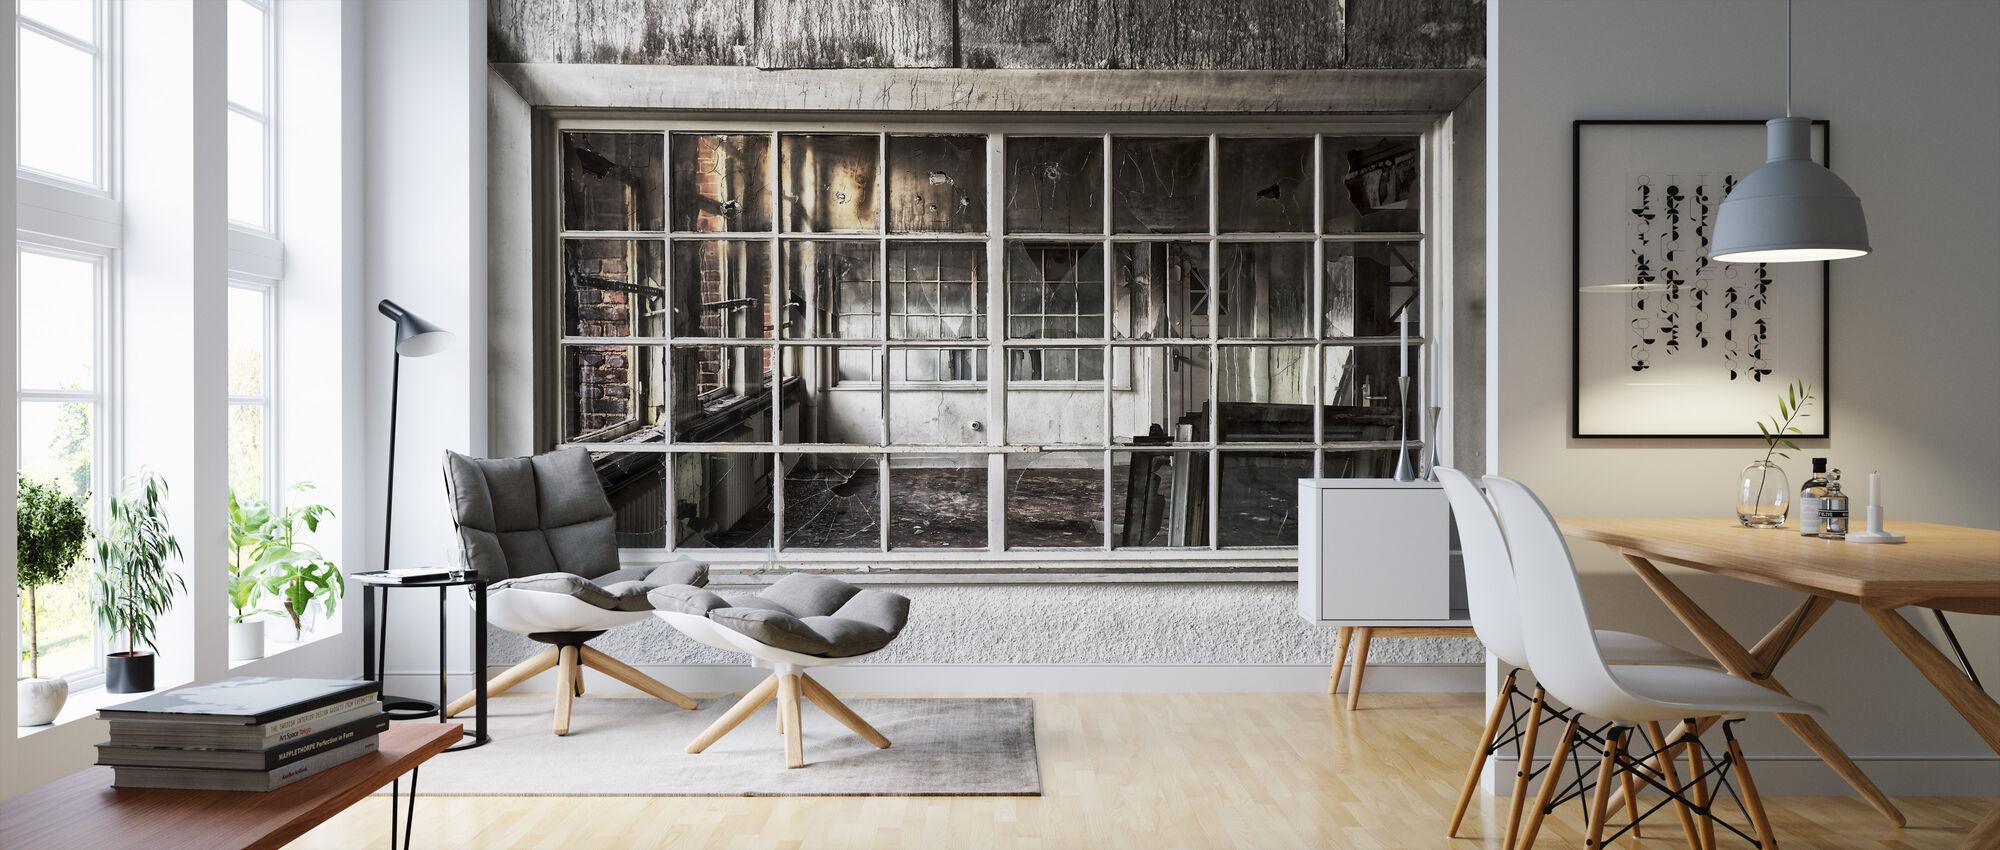 Broken Old Window - Wallpaper - Living Room